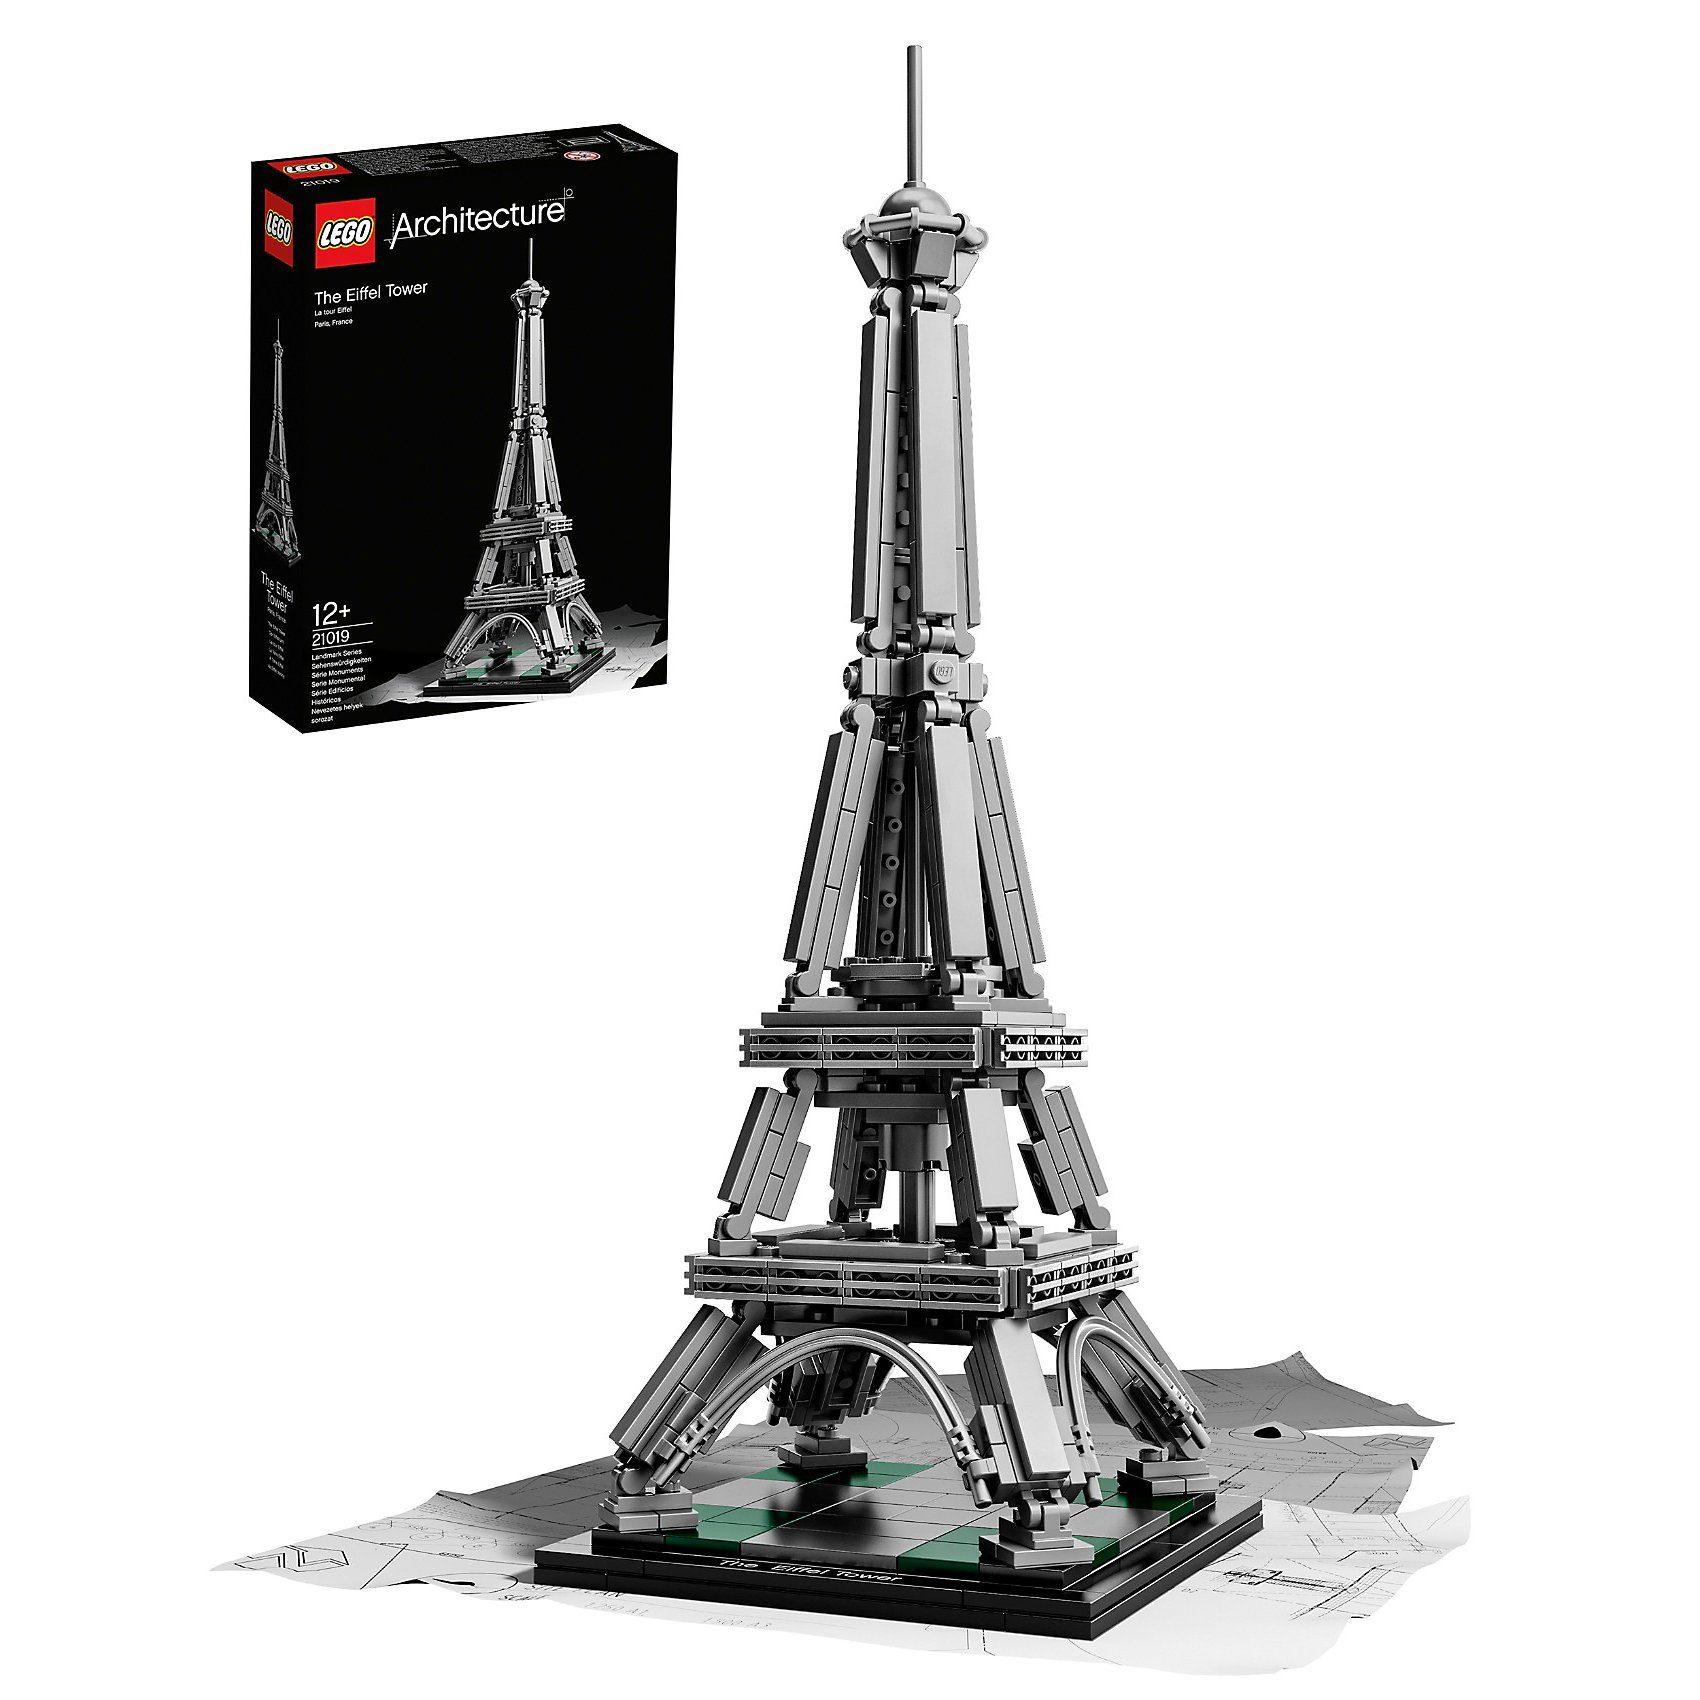 LEGO 21019 Architecture: Der Eiffelturm